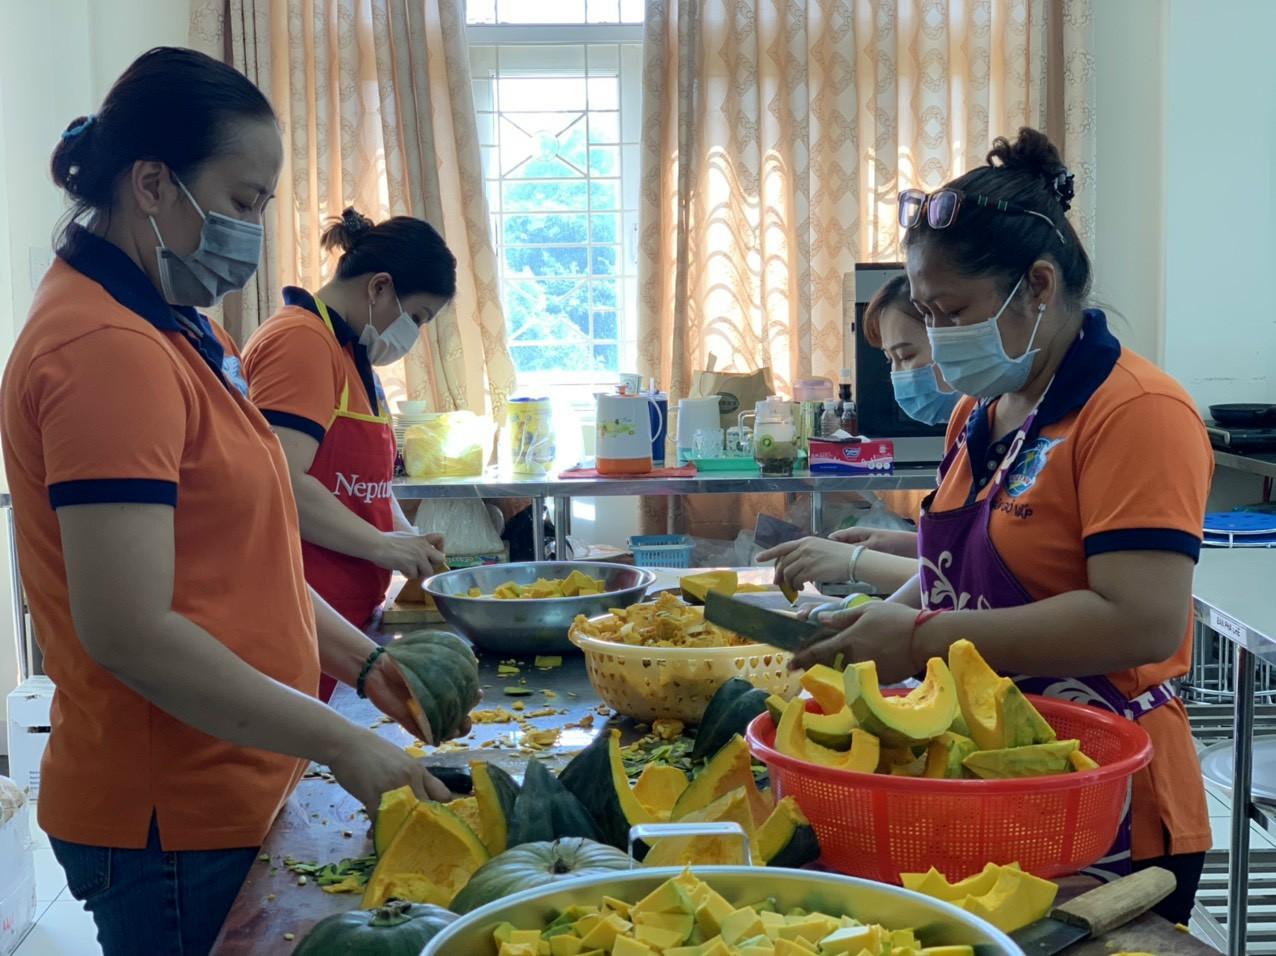 Hội viên phụ nữ thành phố Hồ Chí Minh sơ chế thực phẩm được gửi từ phụ nữ Quảng Trị